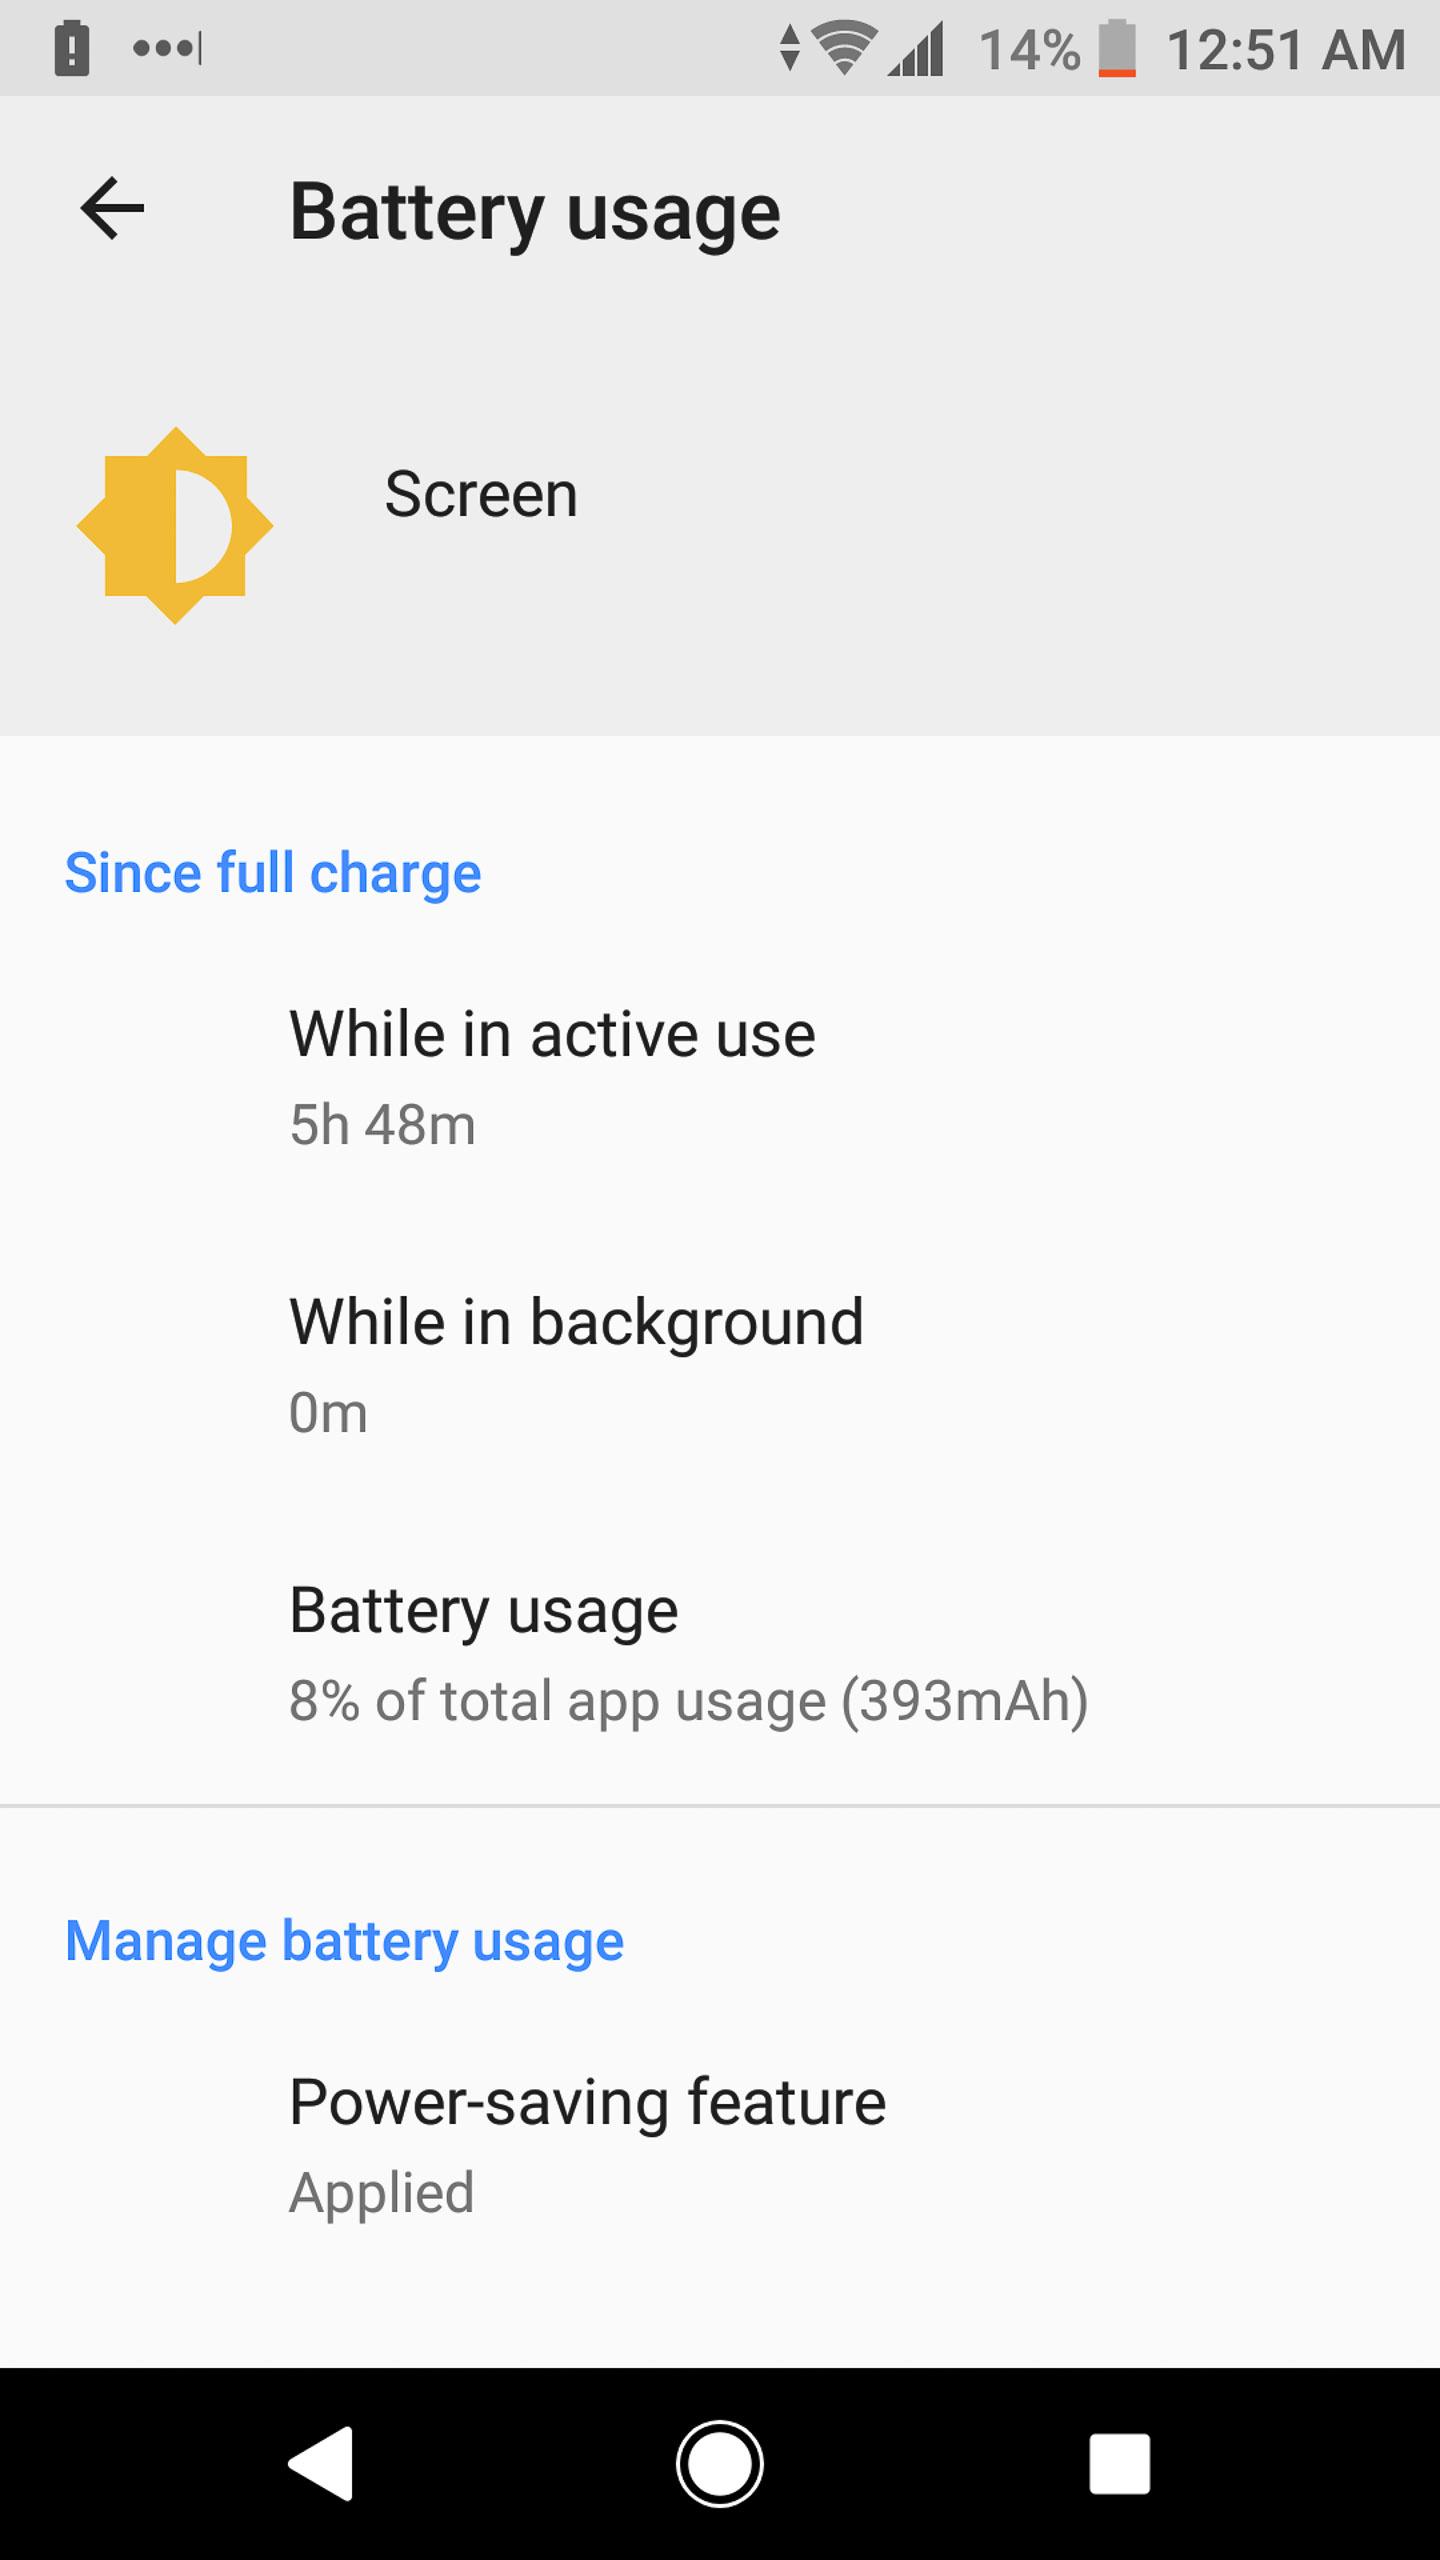 Sony Xperia XA2 Ultra battery usage